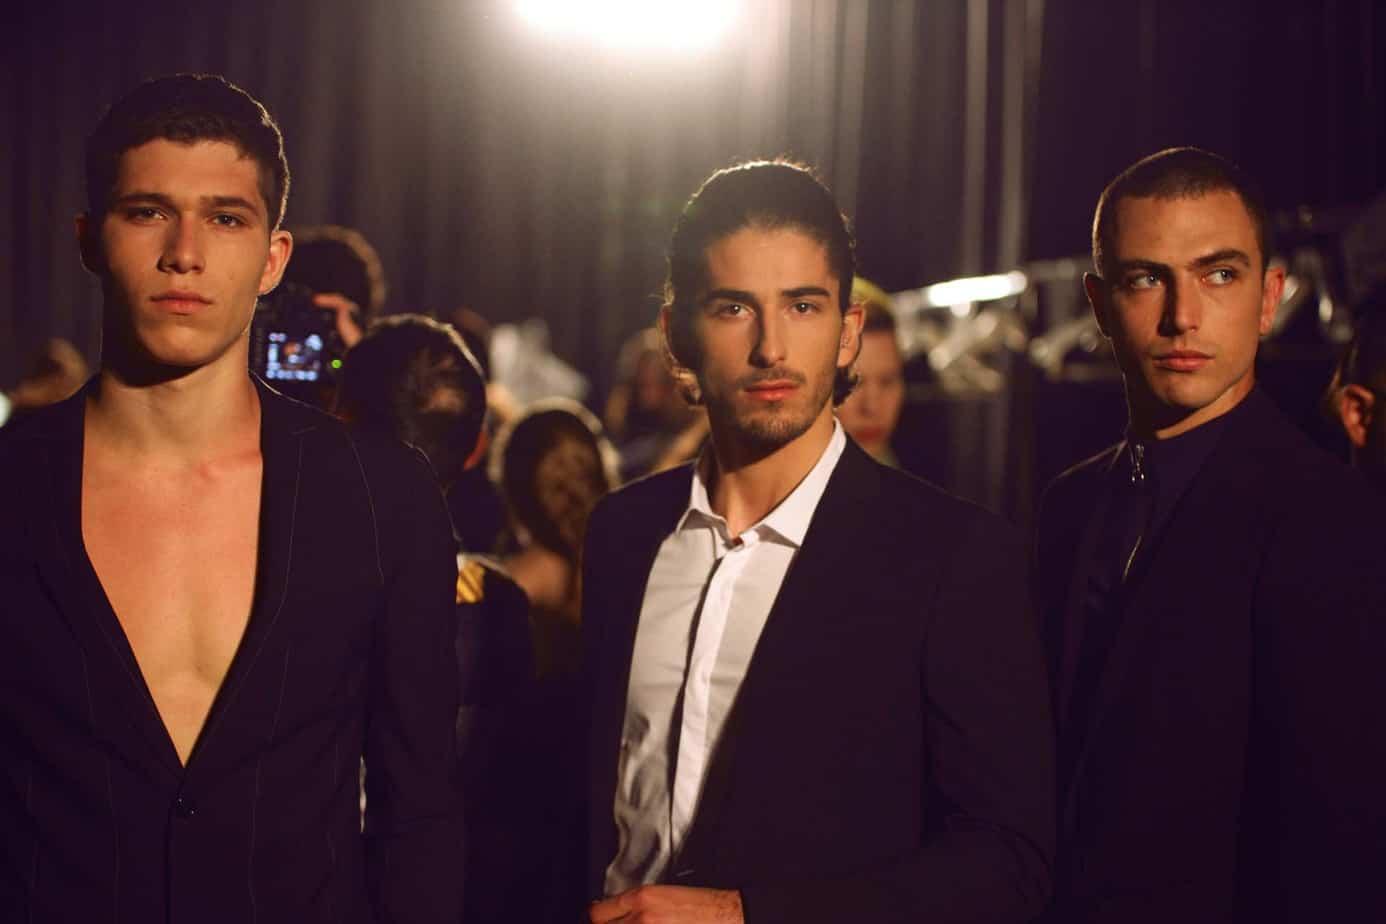 באמוס סקוור, שבוע האופנה תל אביב 2019. צילום עומר רביבי - 148